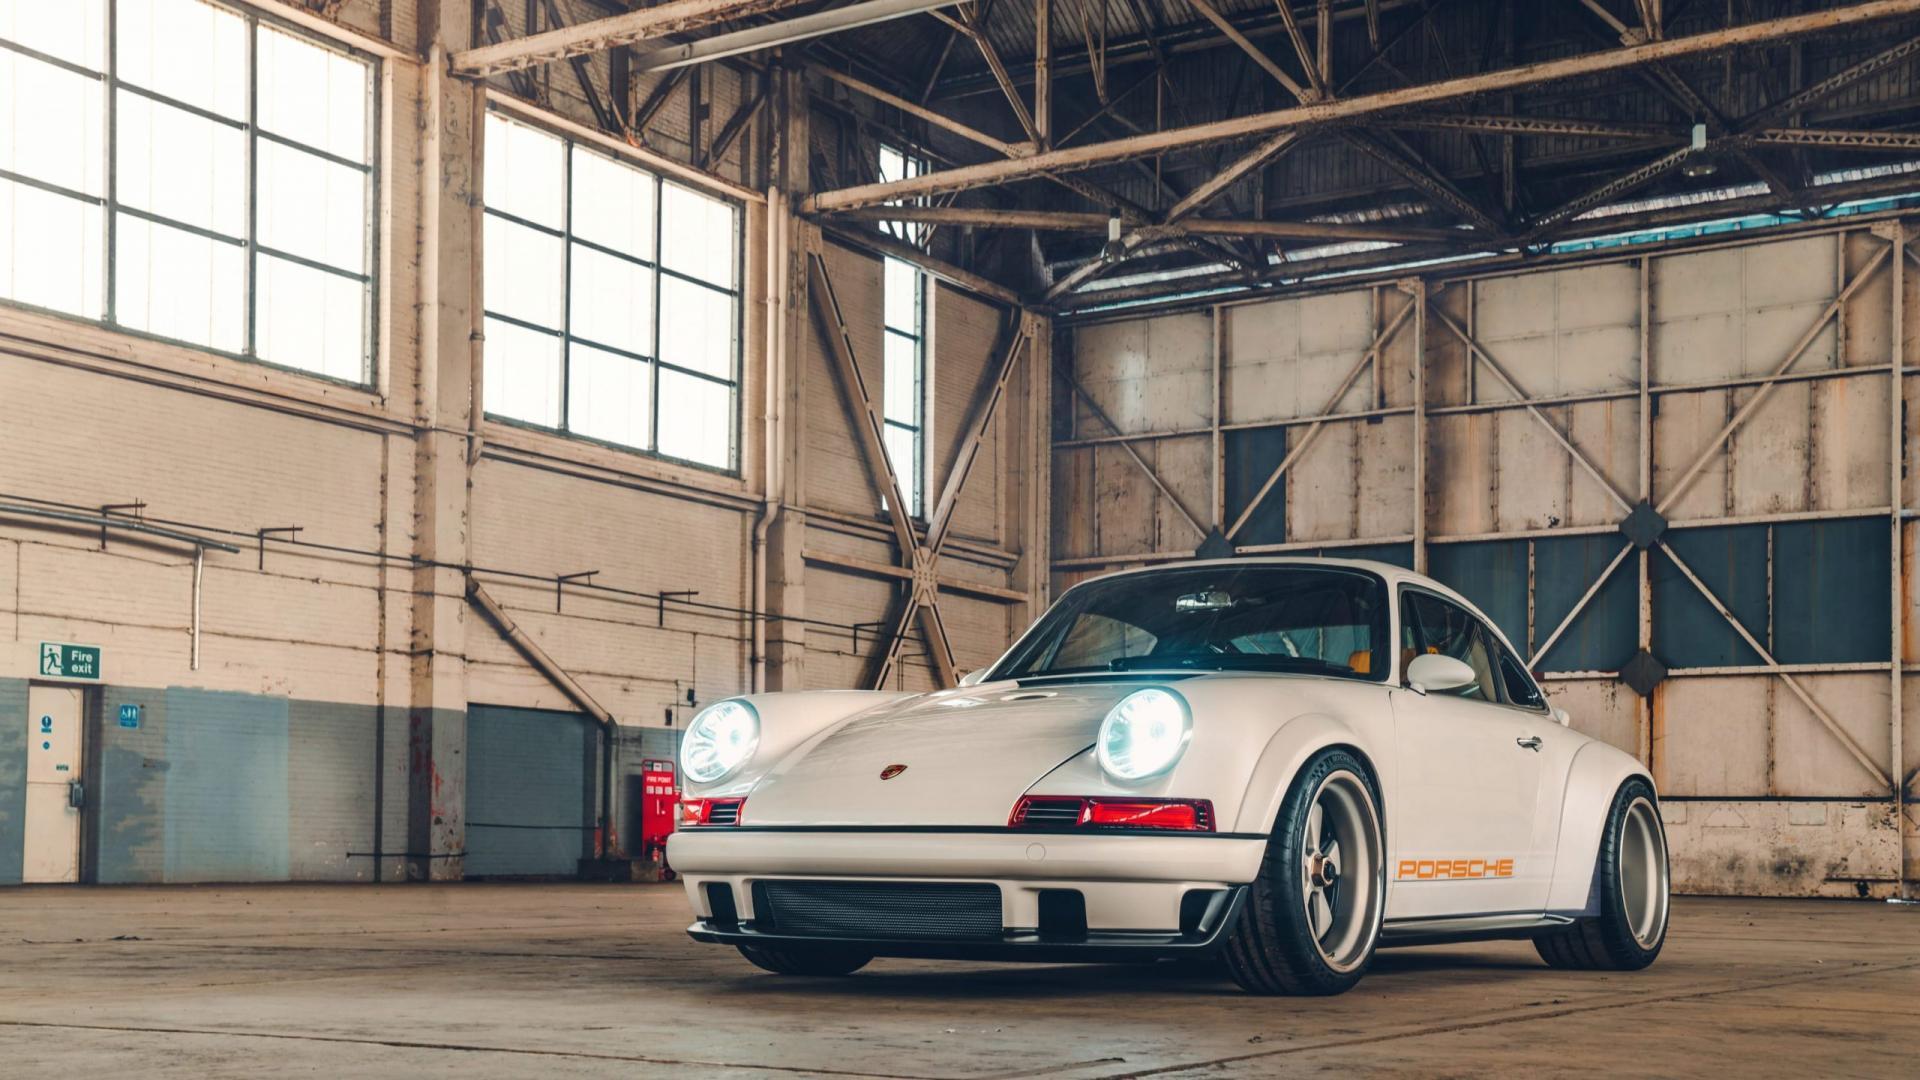 Singer DLS Porsche 911